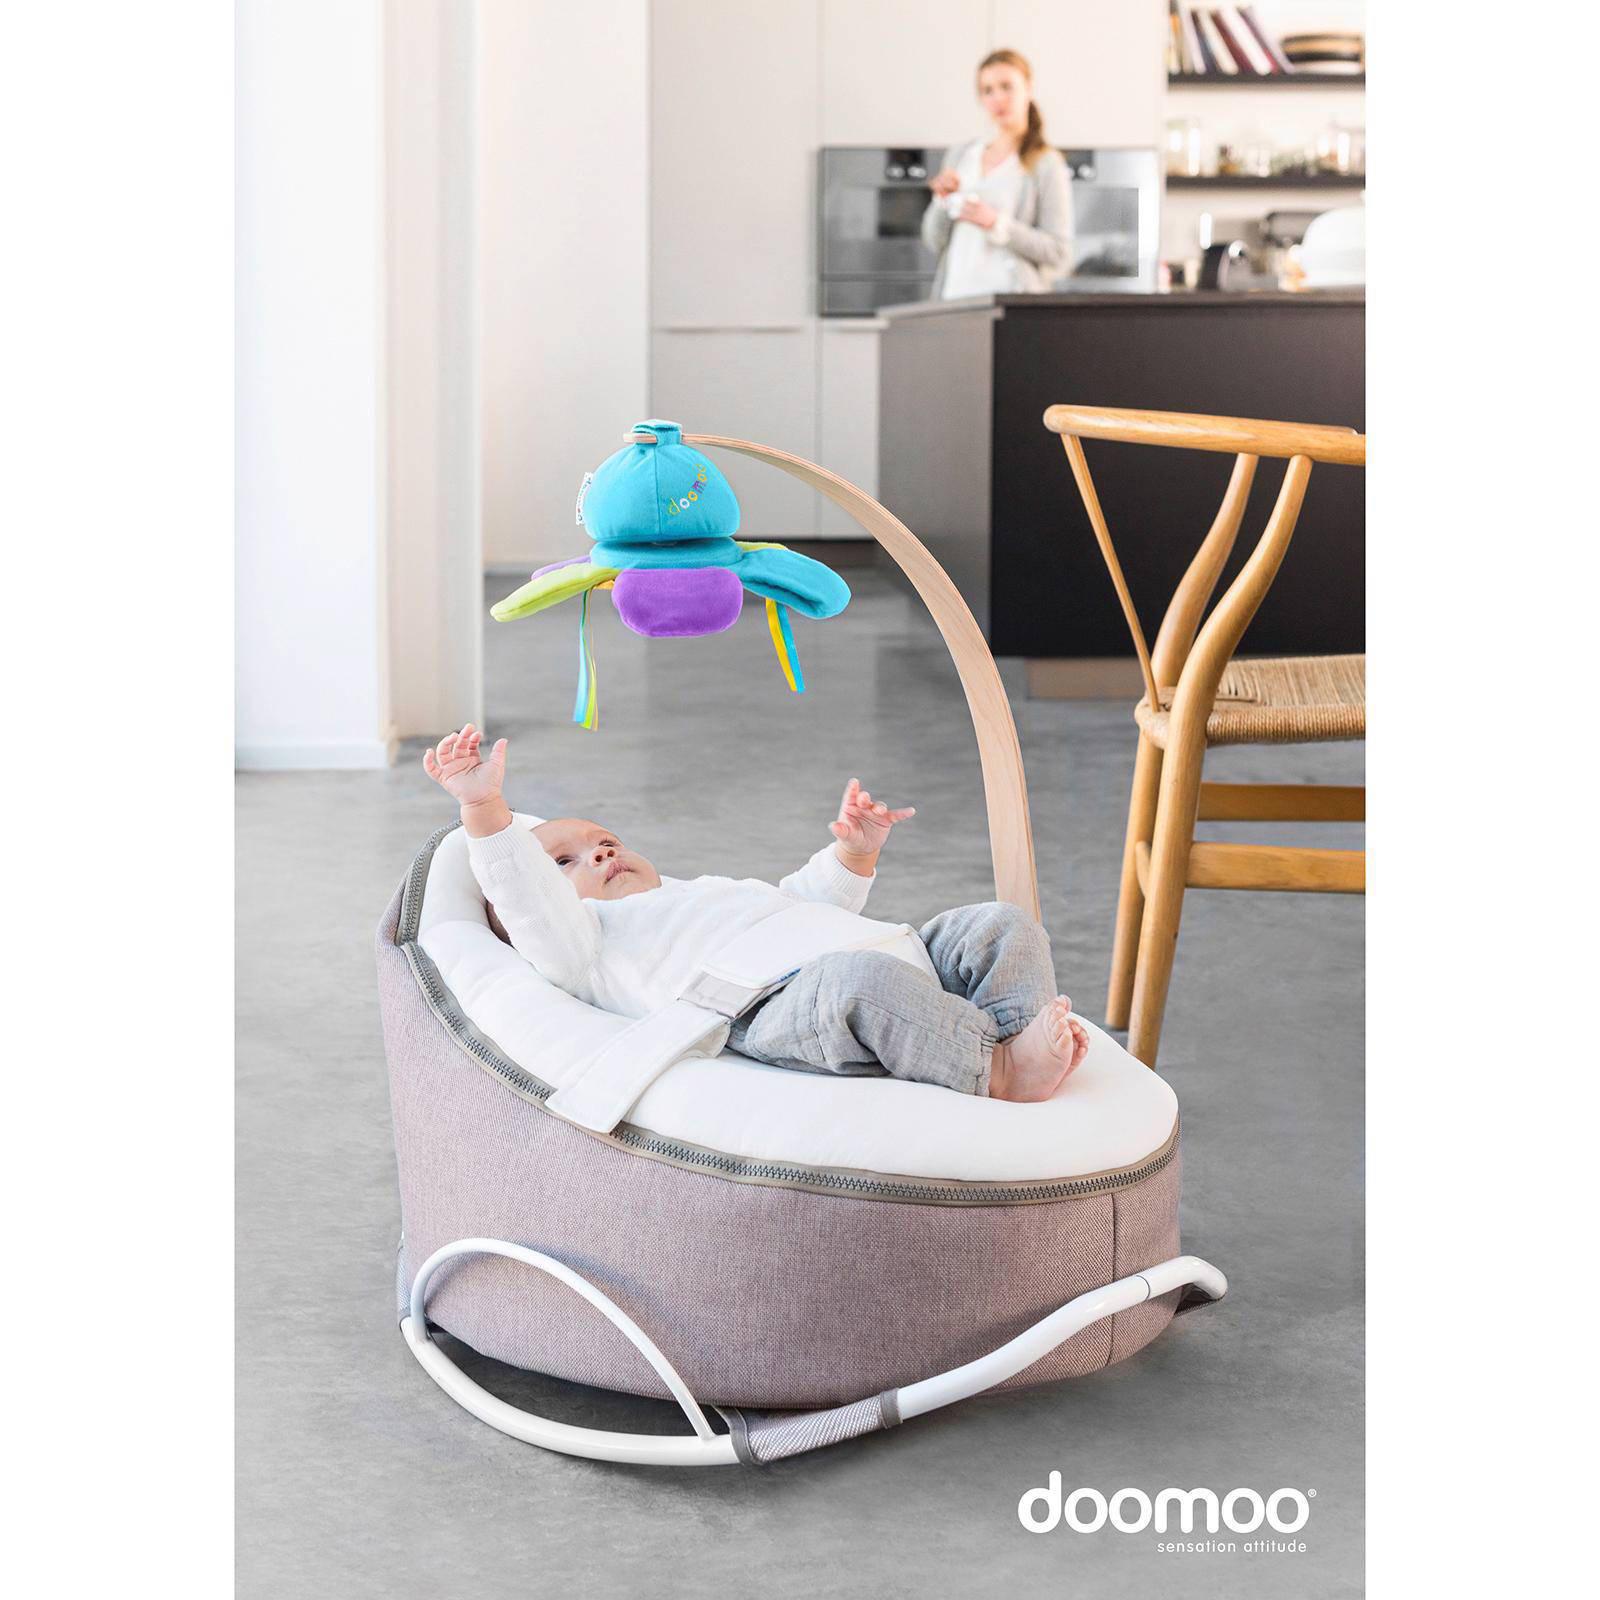 Doomoo Seat Baby Zitzak.Doomoo Seat Schommel Wehkamp